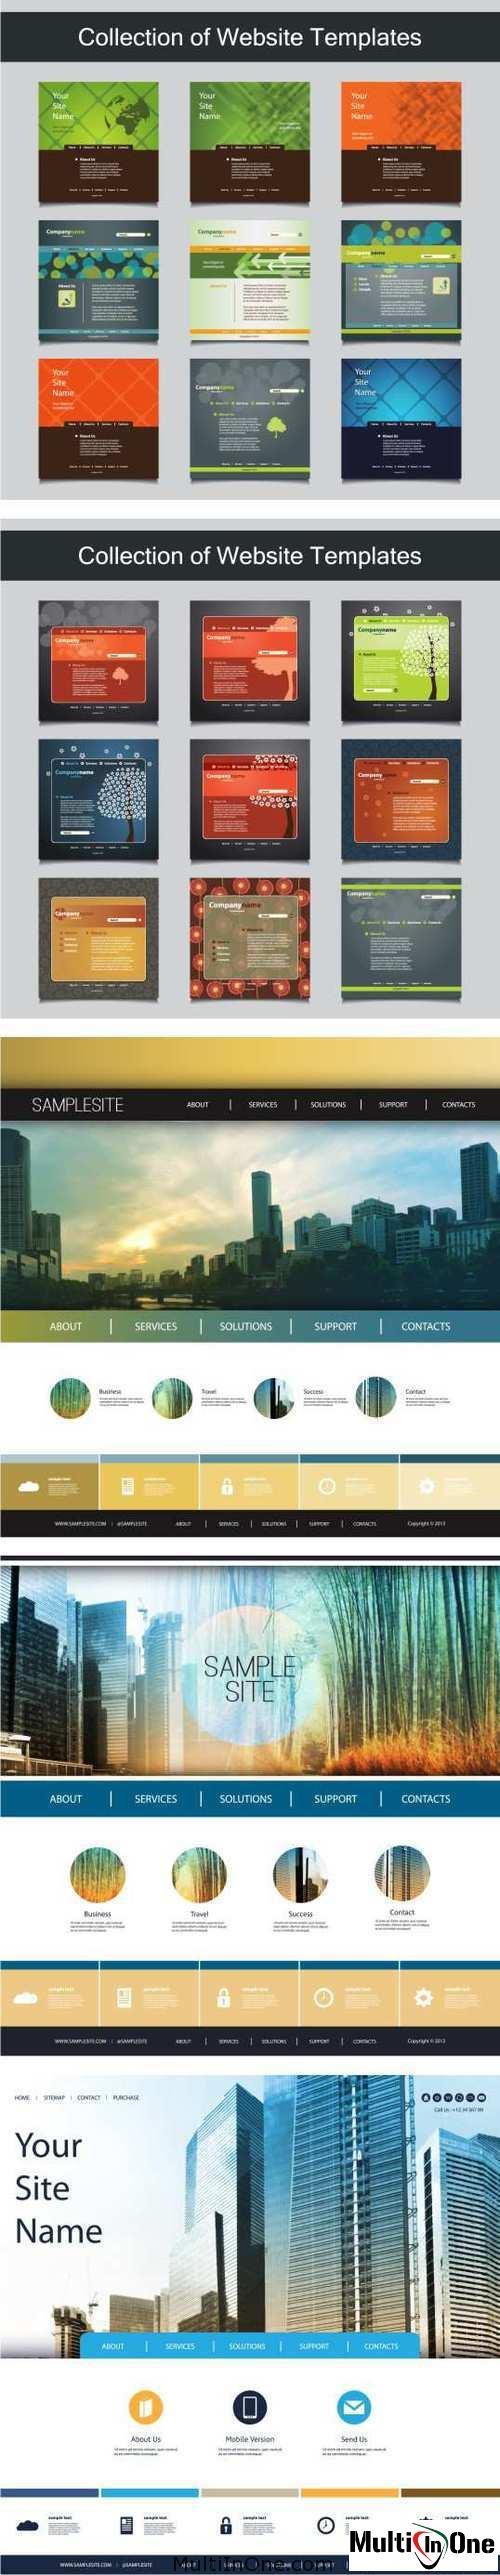 Big Set Of Websites Templates 6